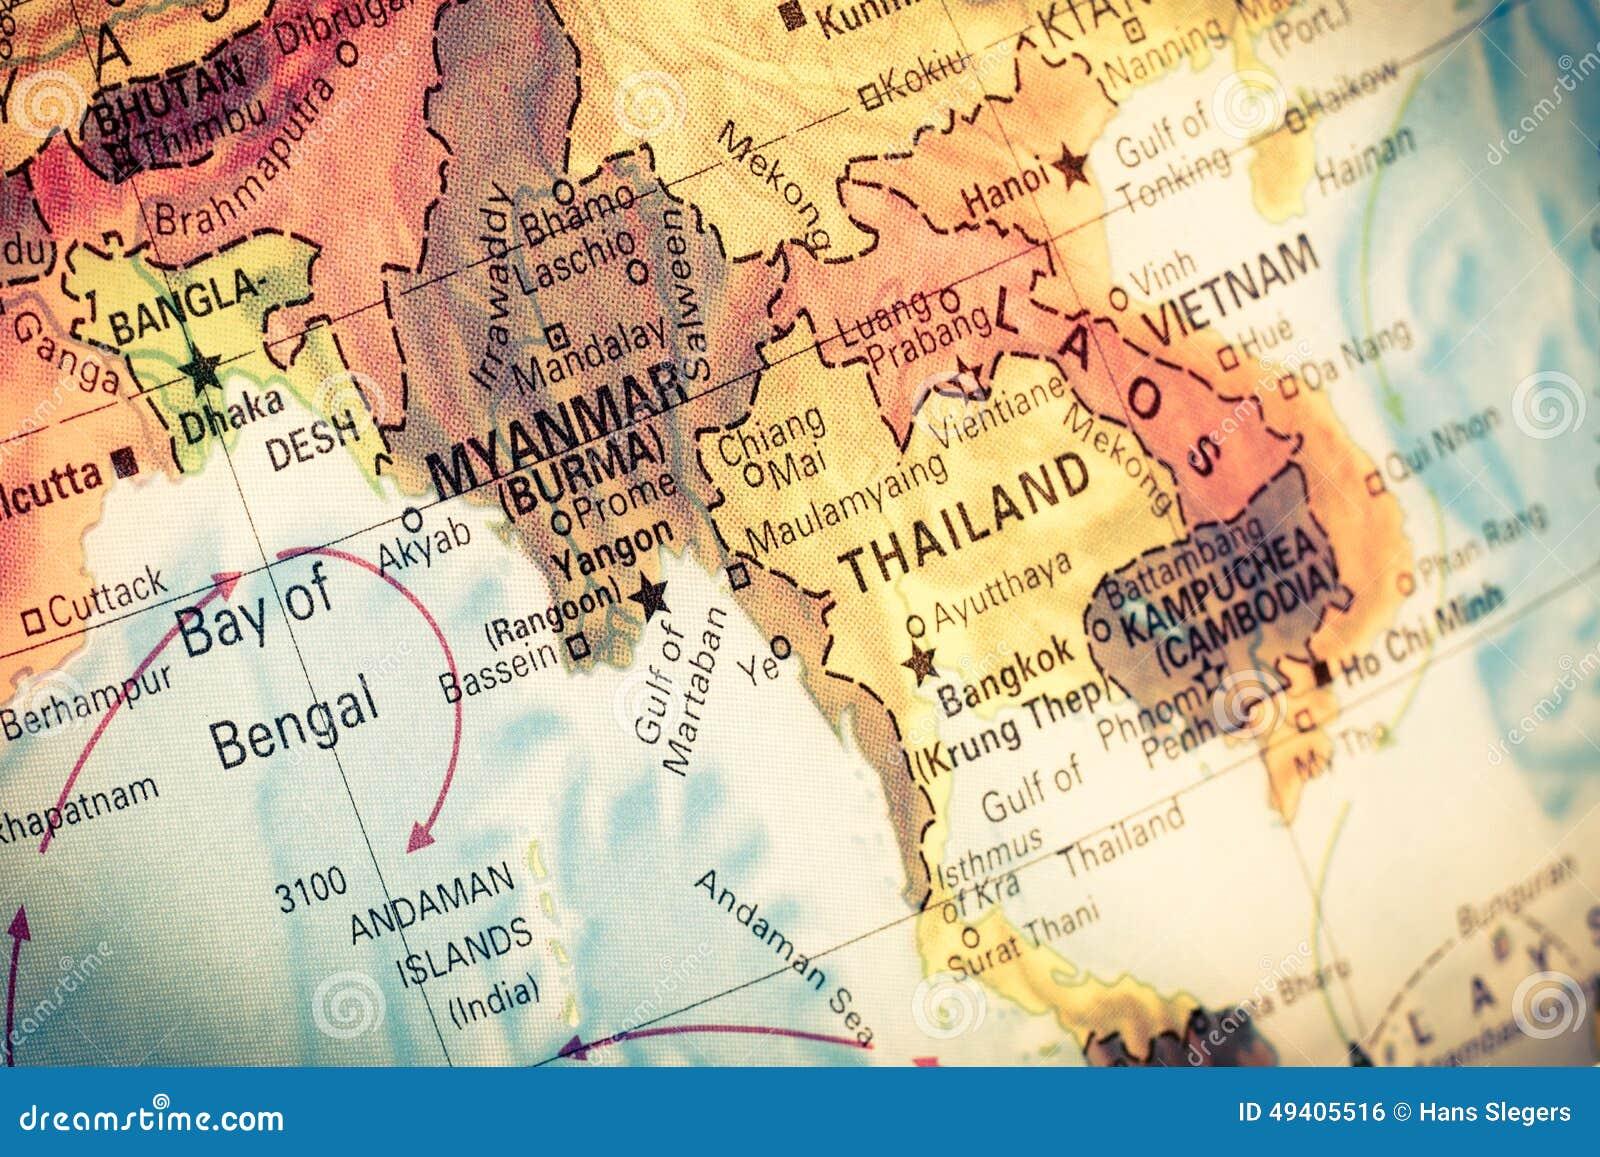 Download Karte Myanmar und Birma, stockfoto. Bild von foto, laos - 49405516